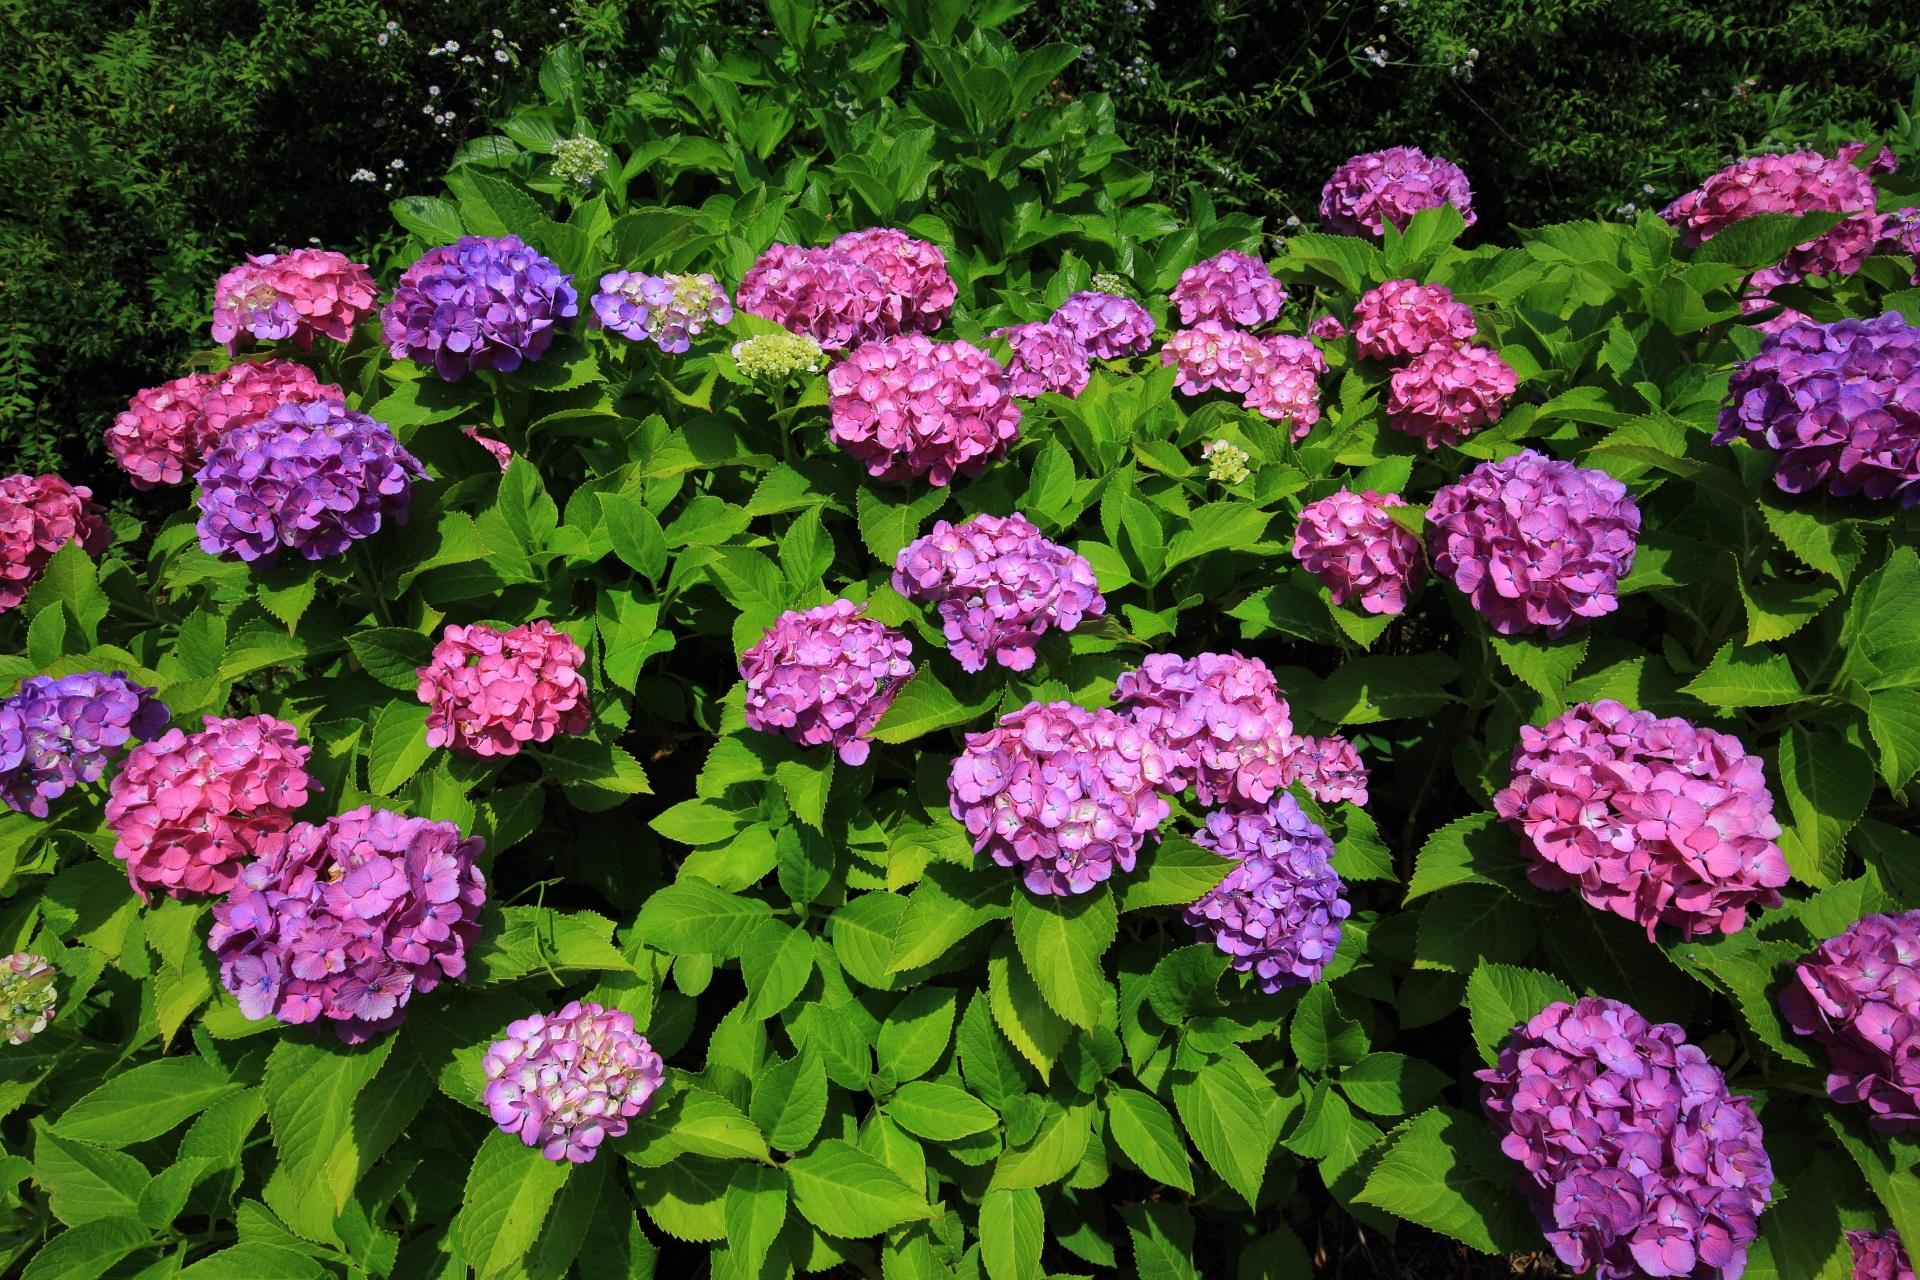 宇治川派流の鮮やかな色合いの紫陽花